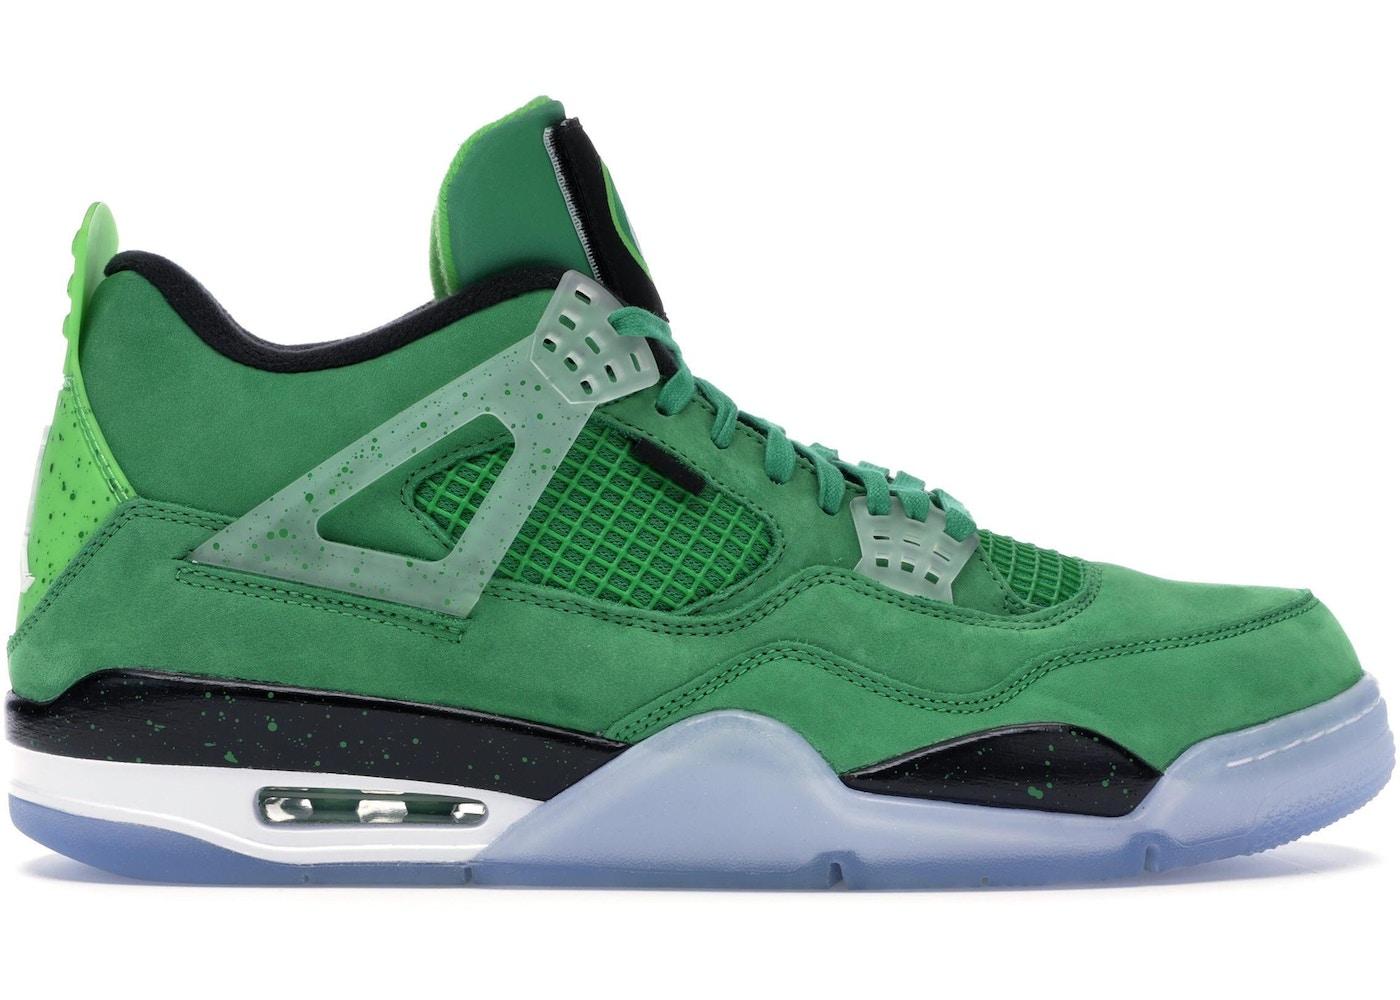 0ed94cbf Jordan 4 Retro Wahlburgers - Sneakers